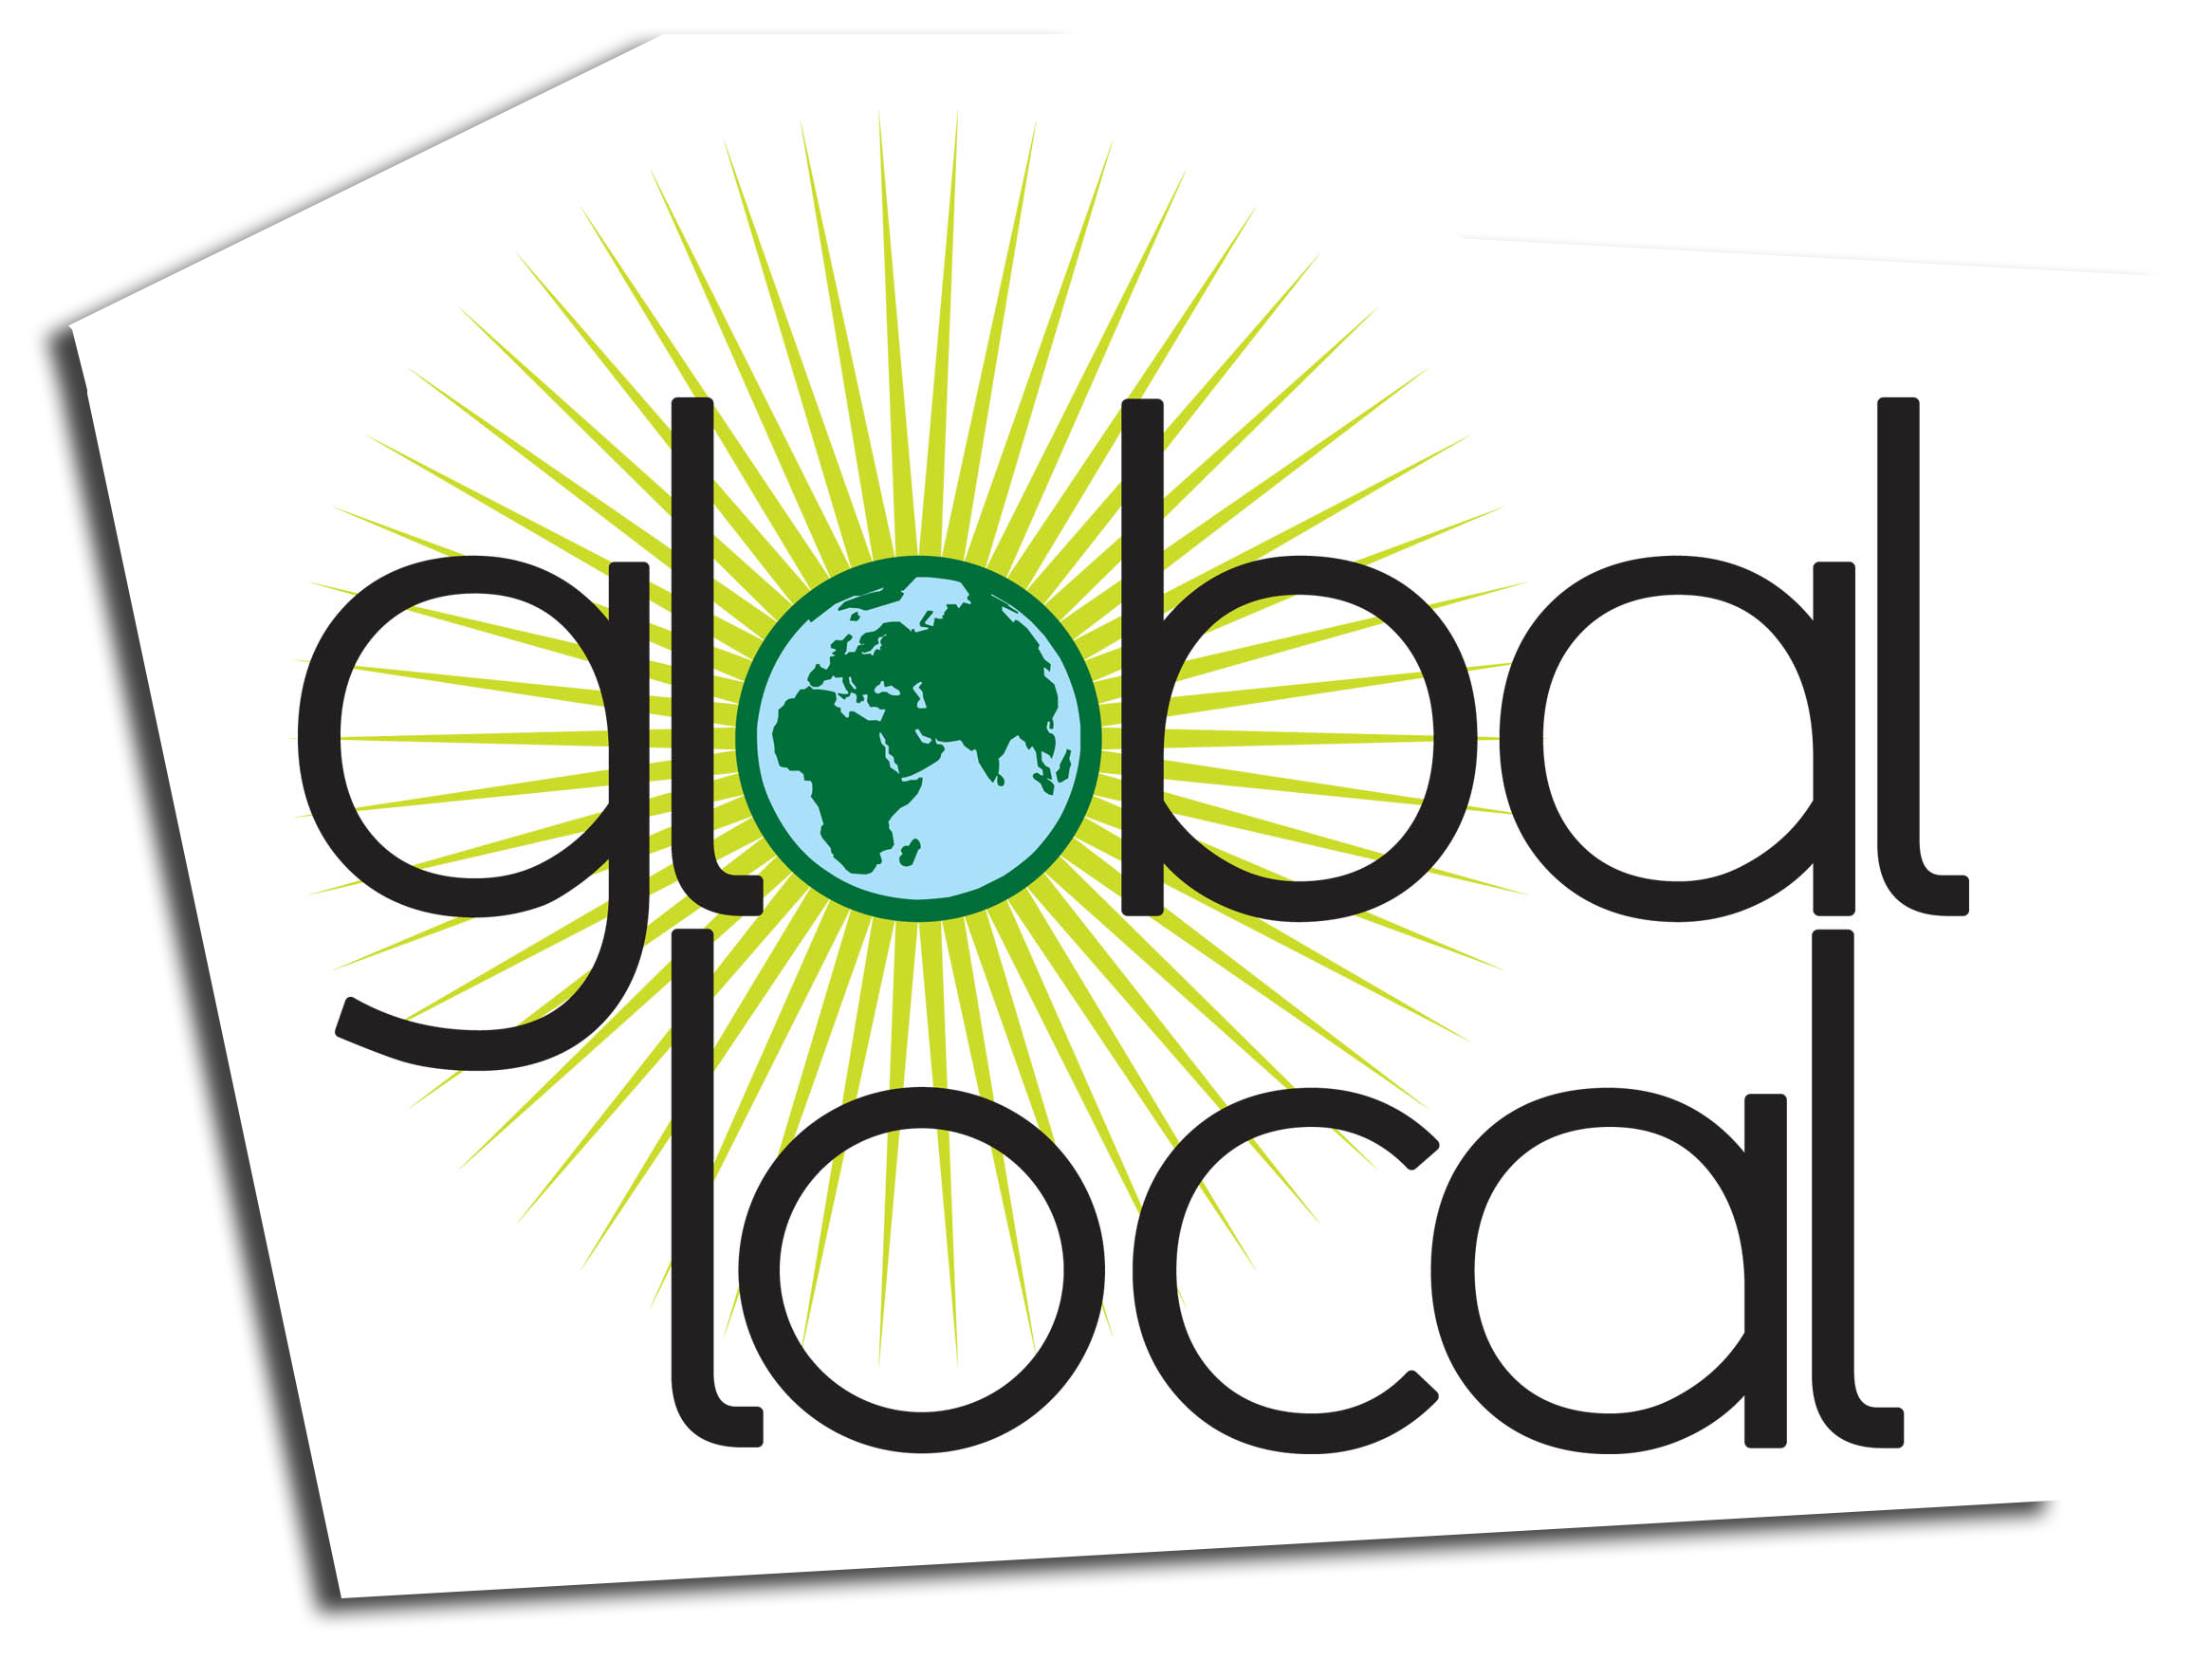 GL_logo_vert_clr.png